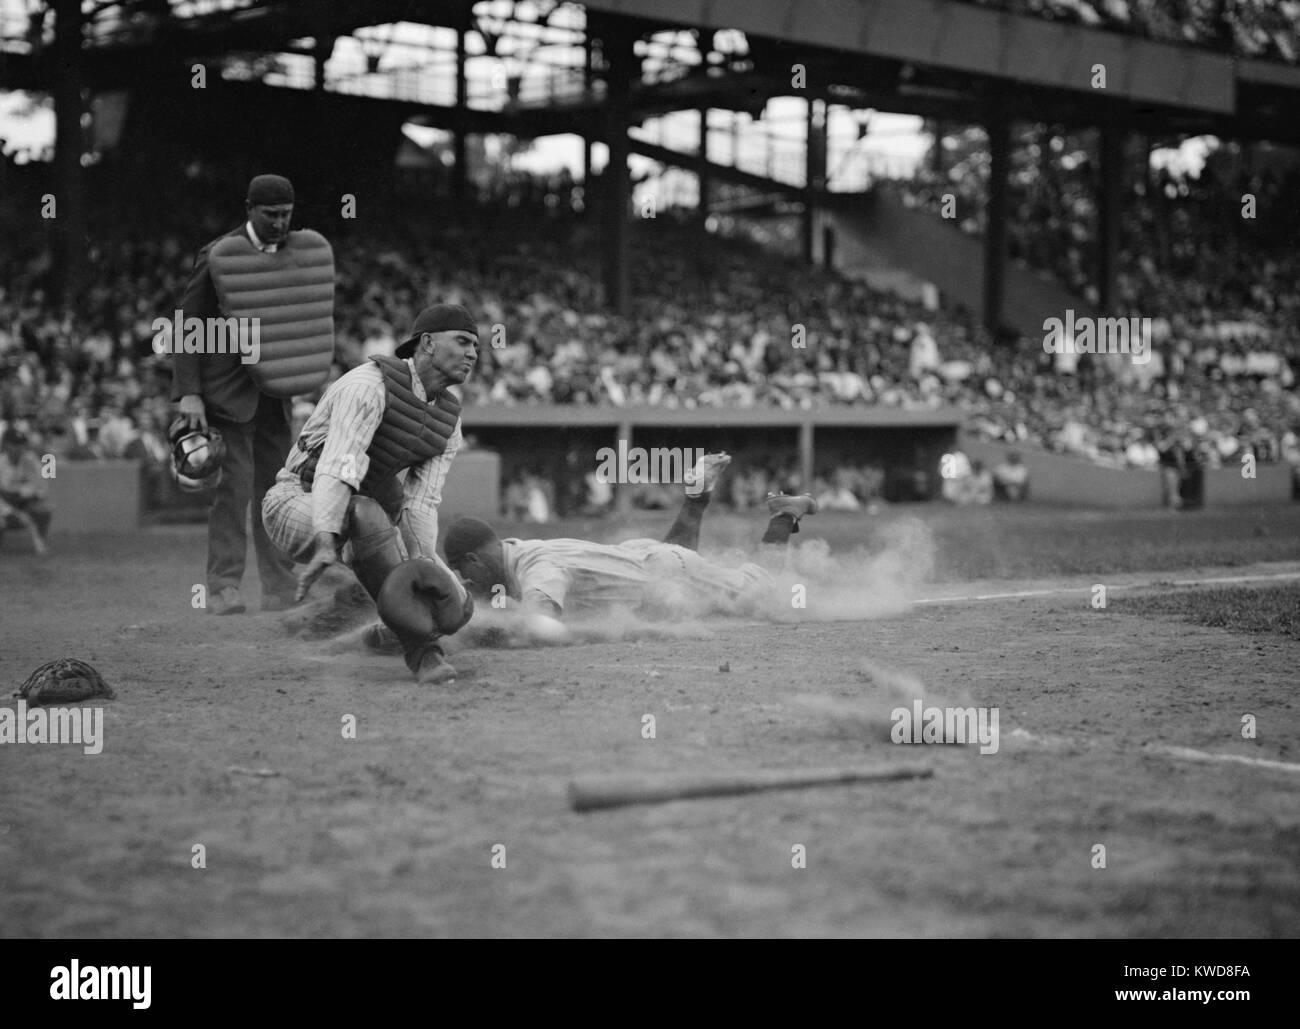 Lou Gehrig des Yankees notes comme Joe Harris' jeter s'éloigne de catcher Hank Severeid des sénateurs. New York Banque D'Images